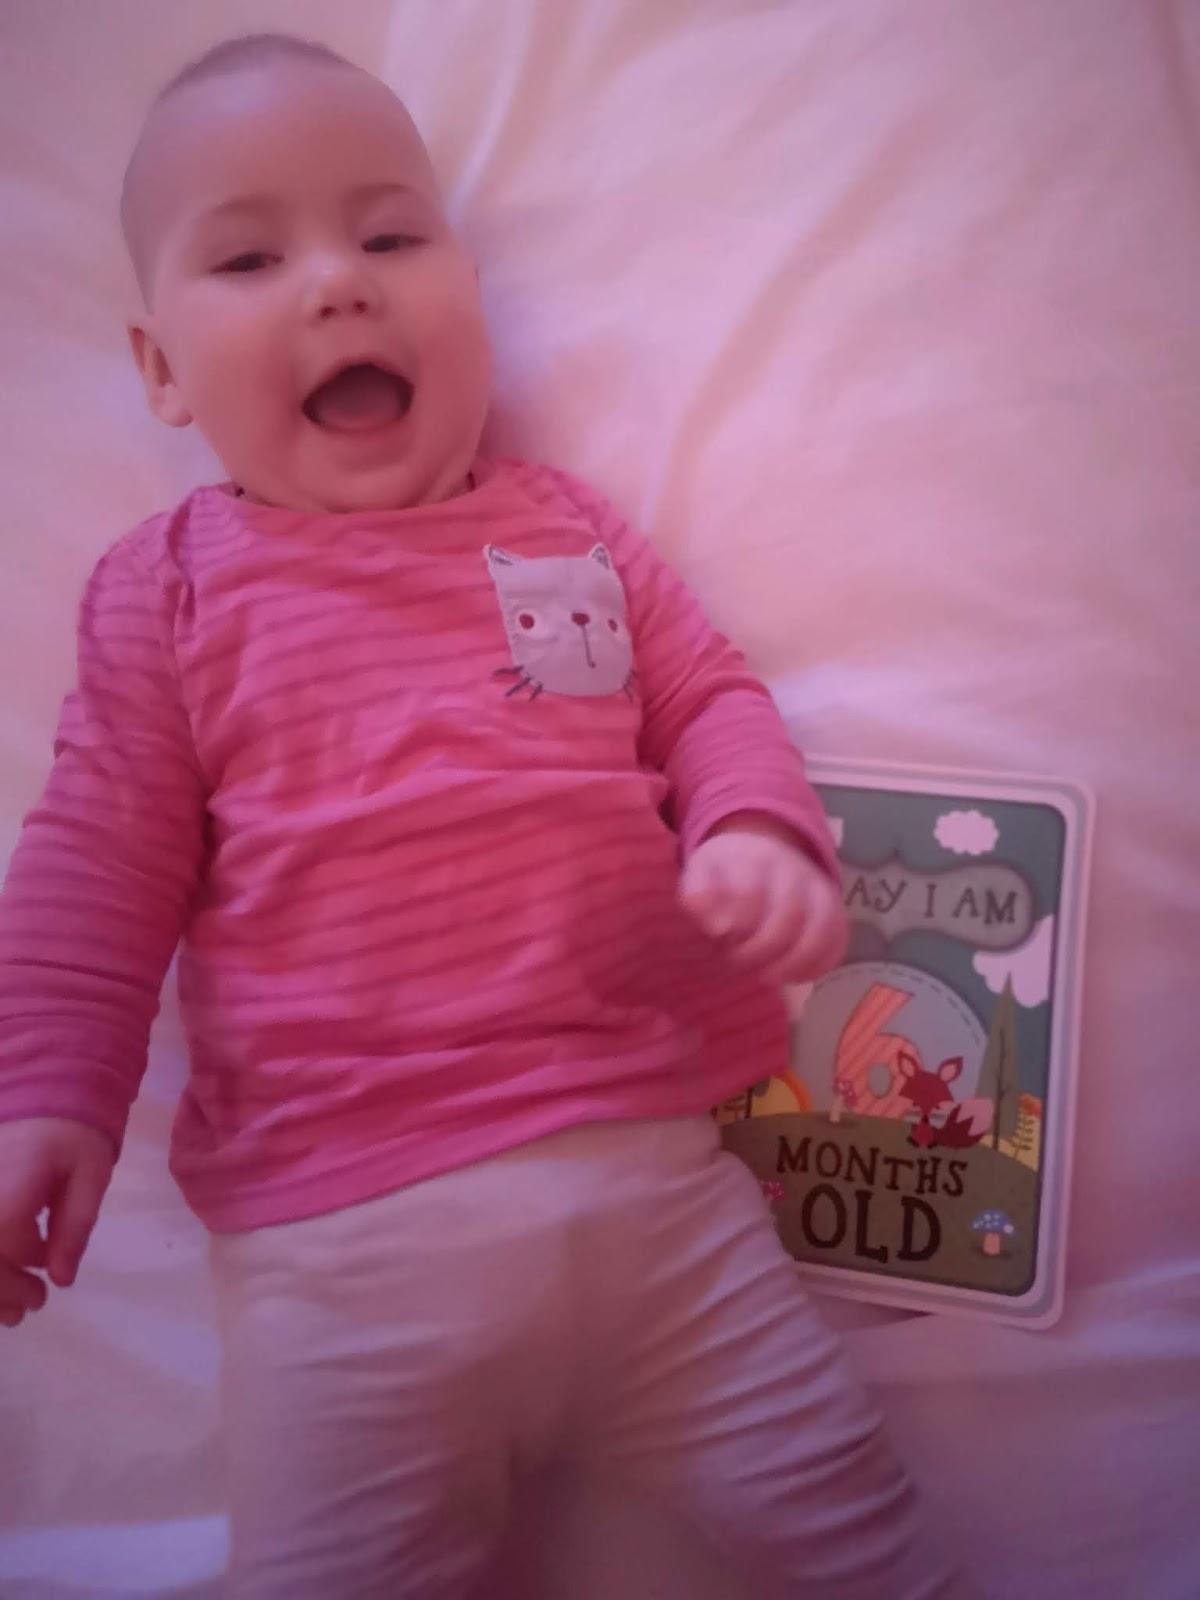 e2adc1da20c933 Unglaublich das Holly schon seit 6 Monaten bei uns ist! Ich kann es mir gar  nicht mehr ohne sie vorstellen. Sie ist so ein fröhliches Baby und lacht  viel.